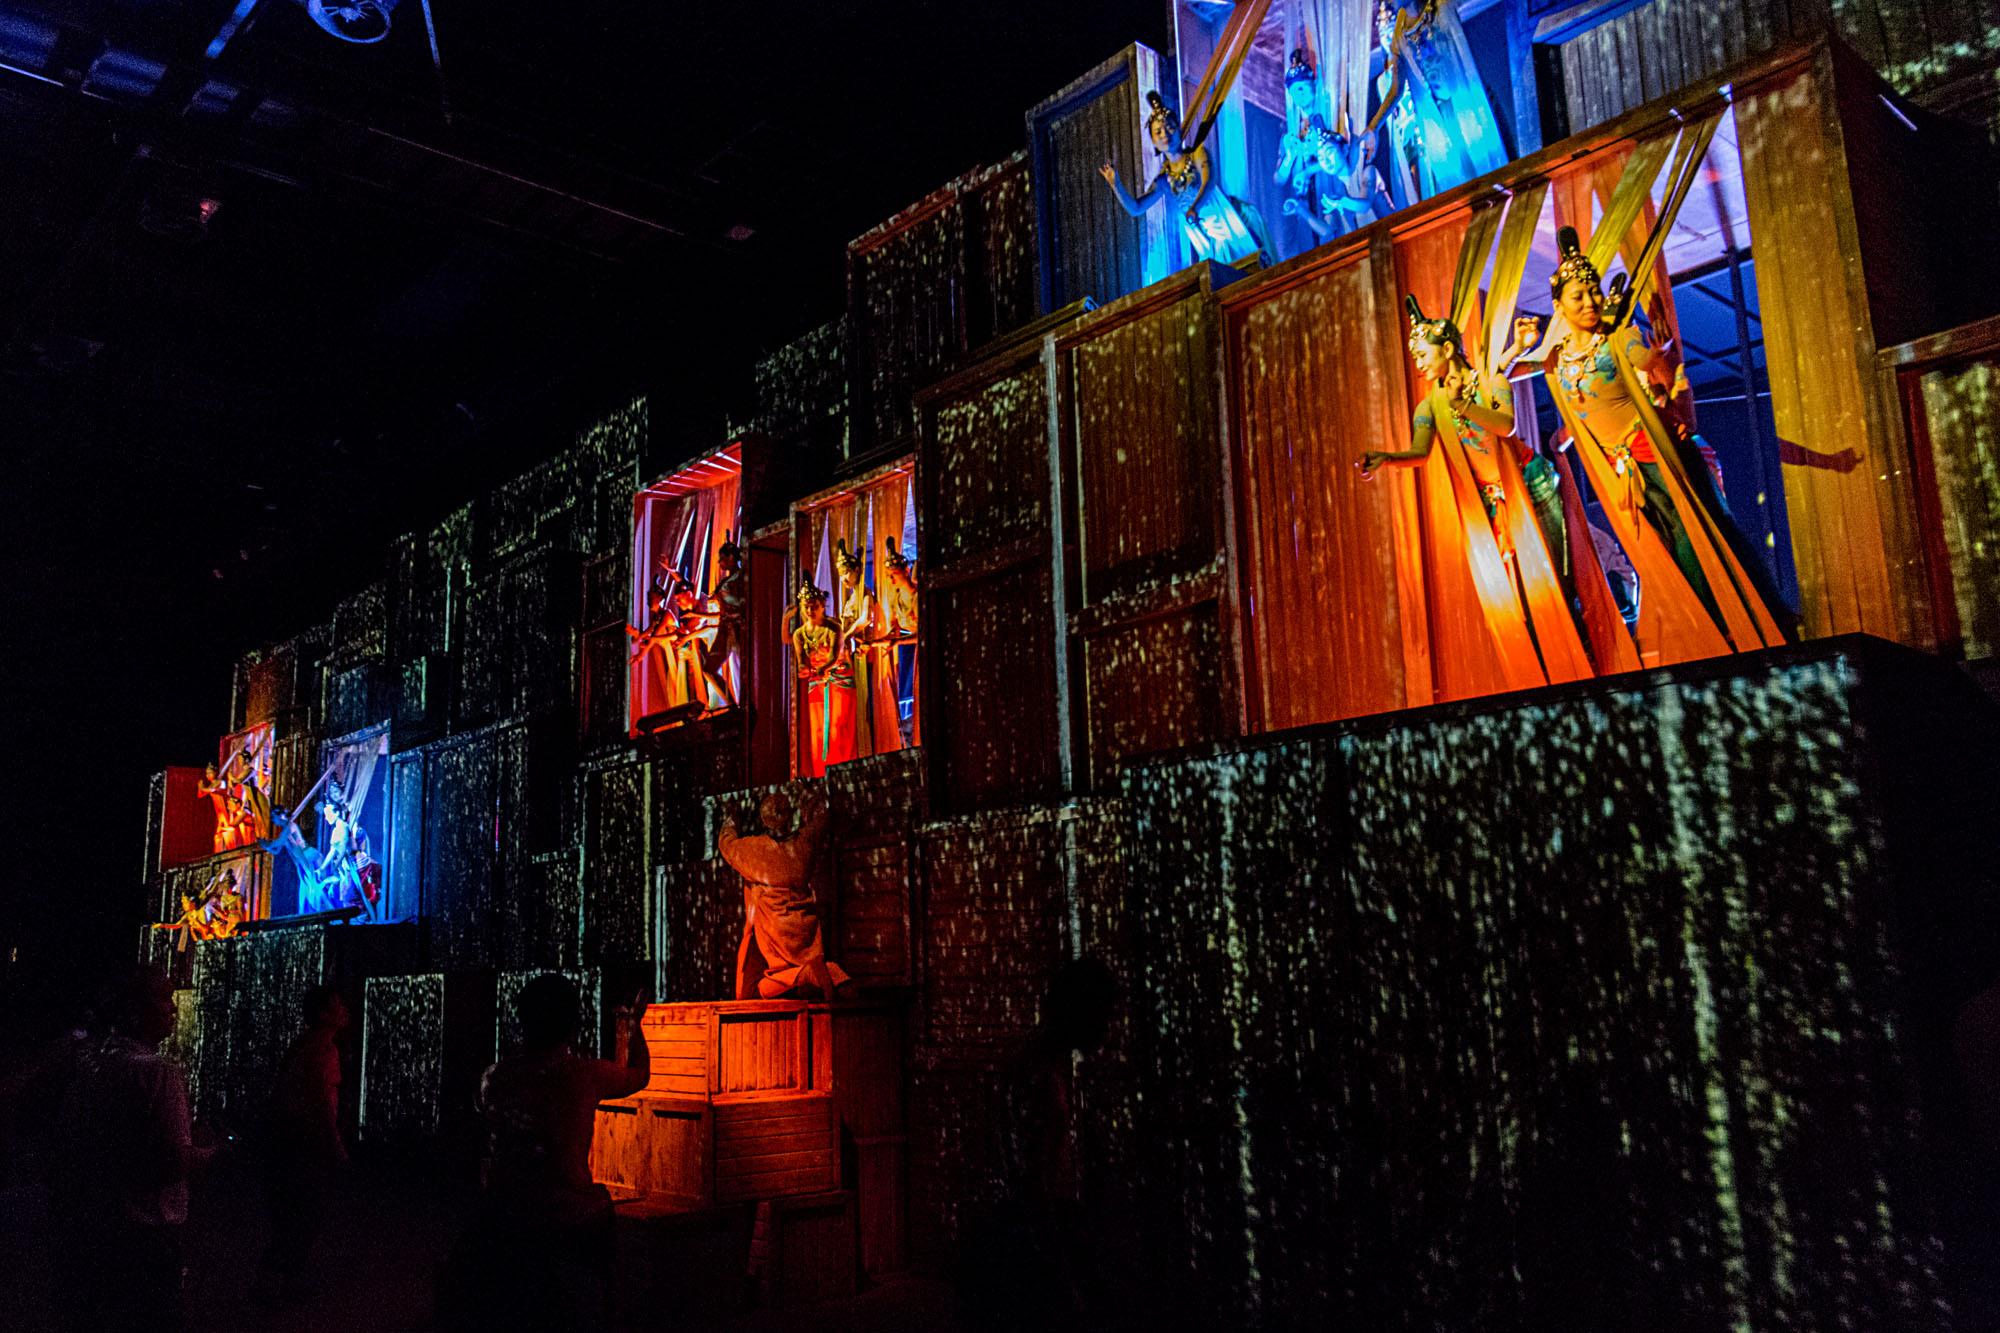 2016年10月1日假期间,在敦煌观看《又见敦煌》大型舞台剧拍摄。